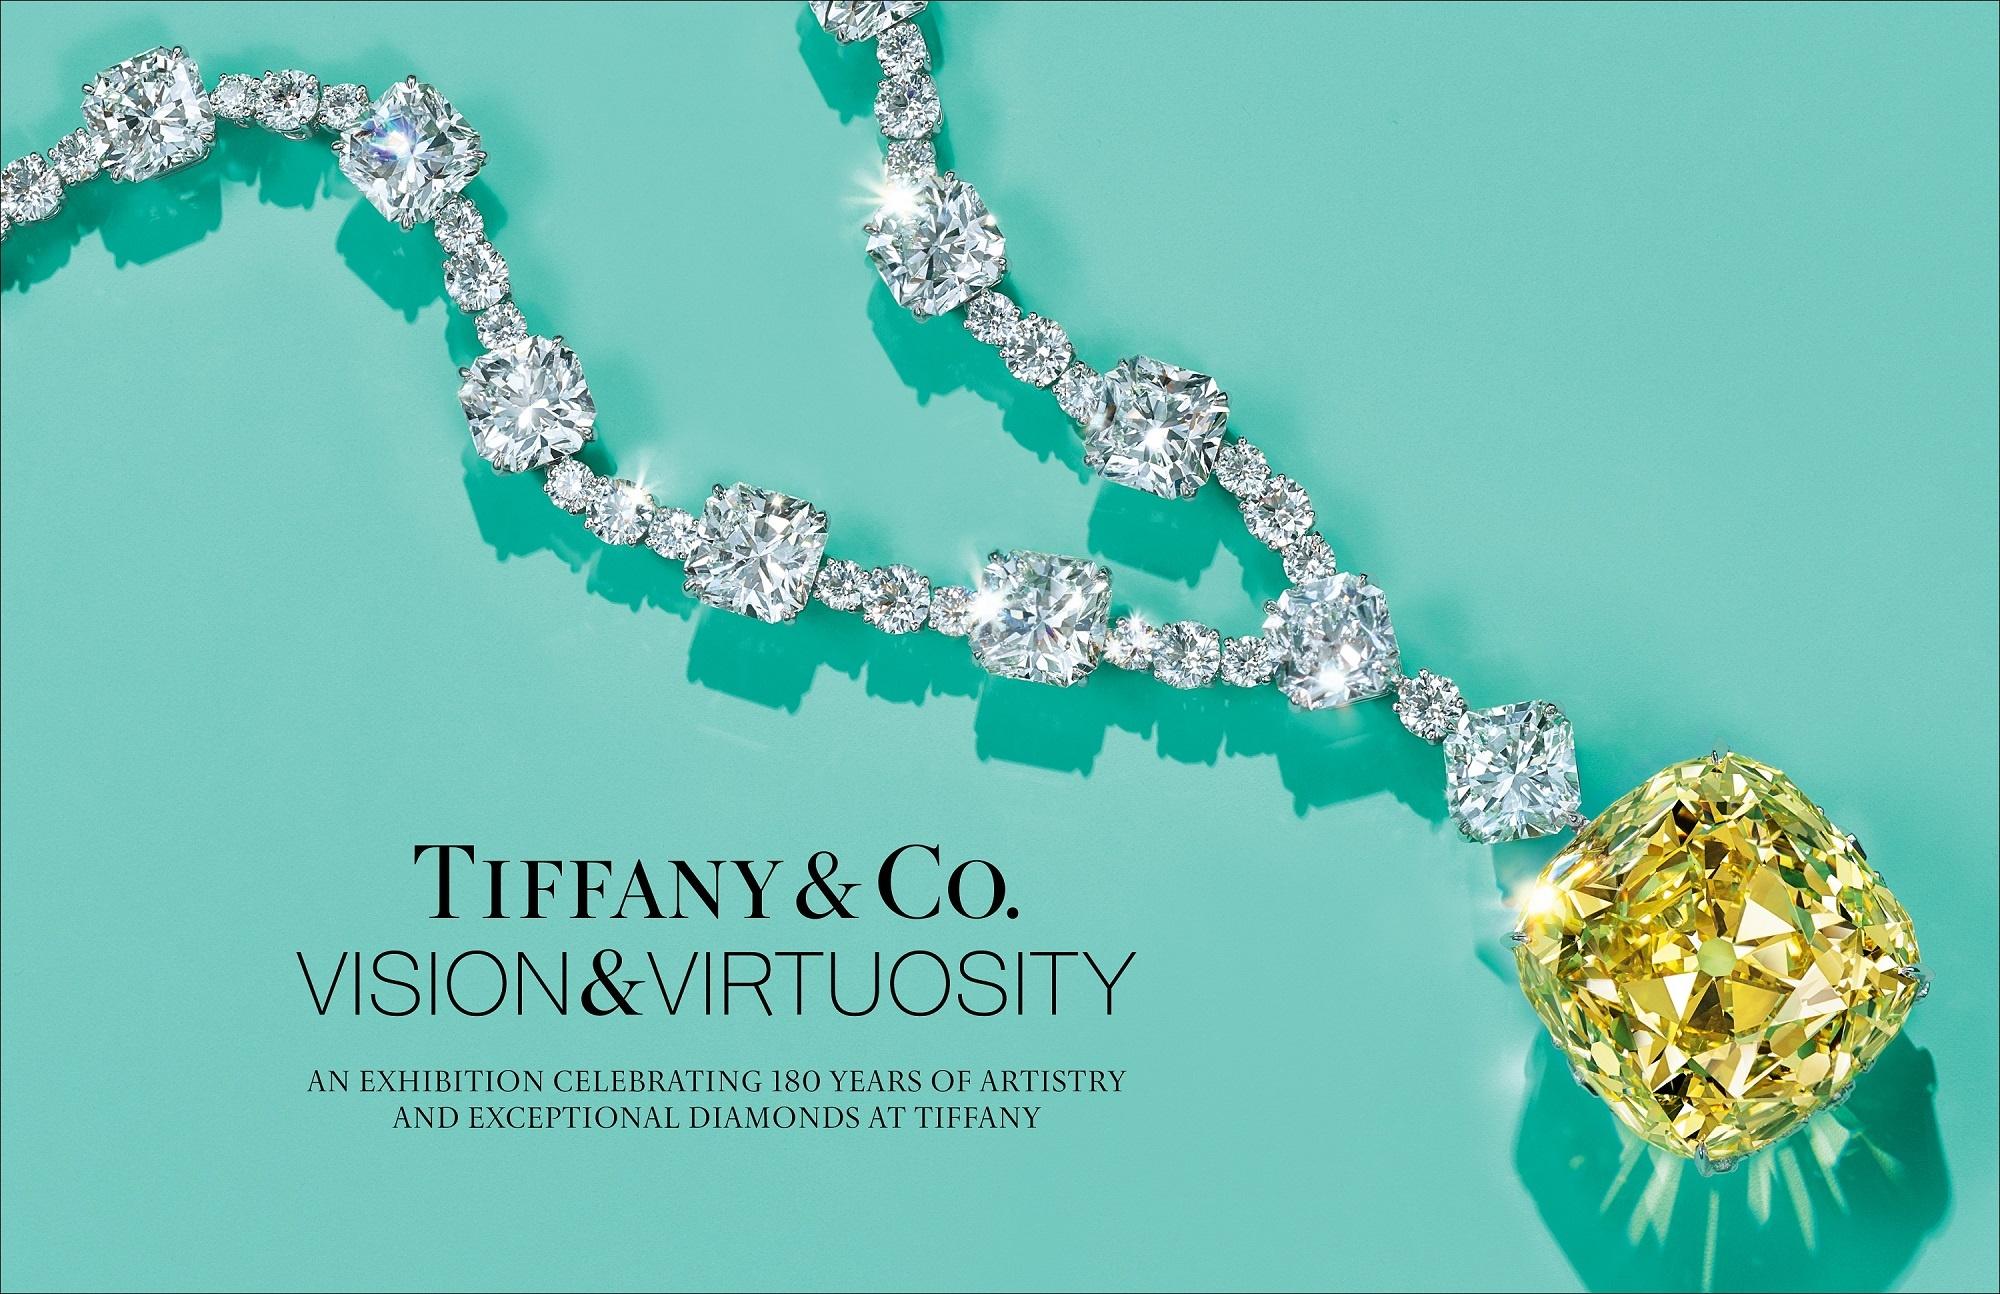 Tiffany & Co. V&V Hero Visual